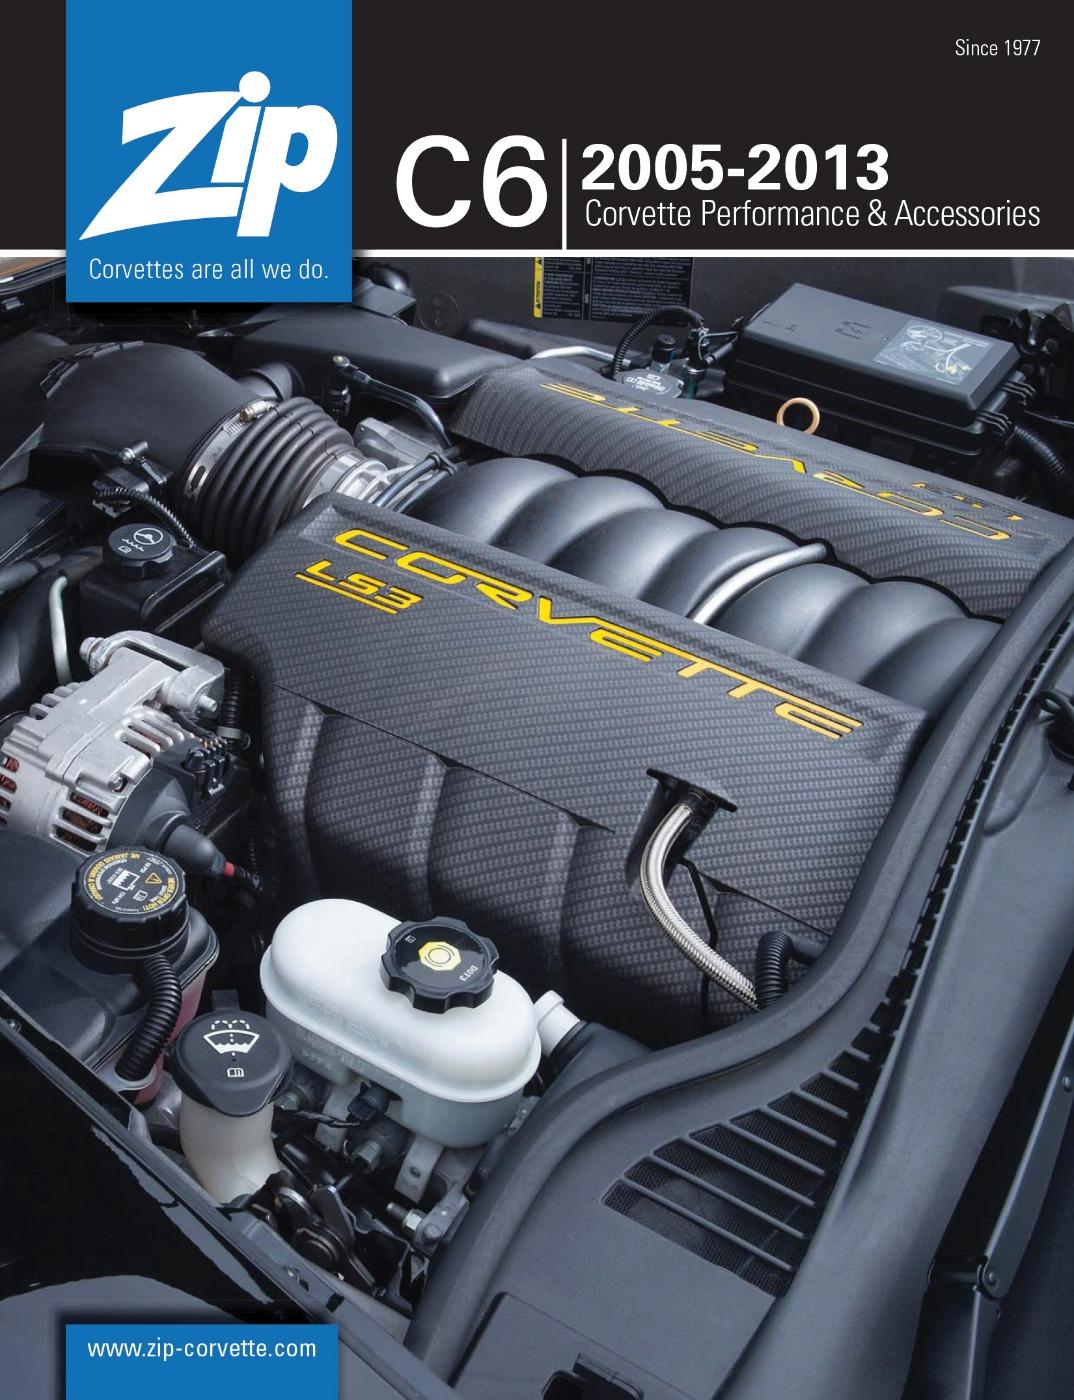 C6 catalog